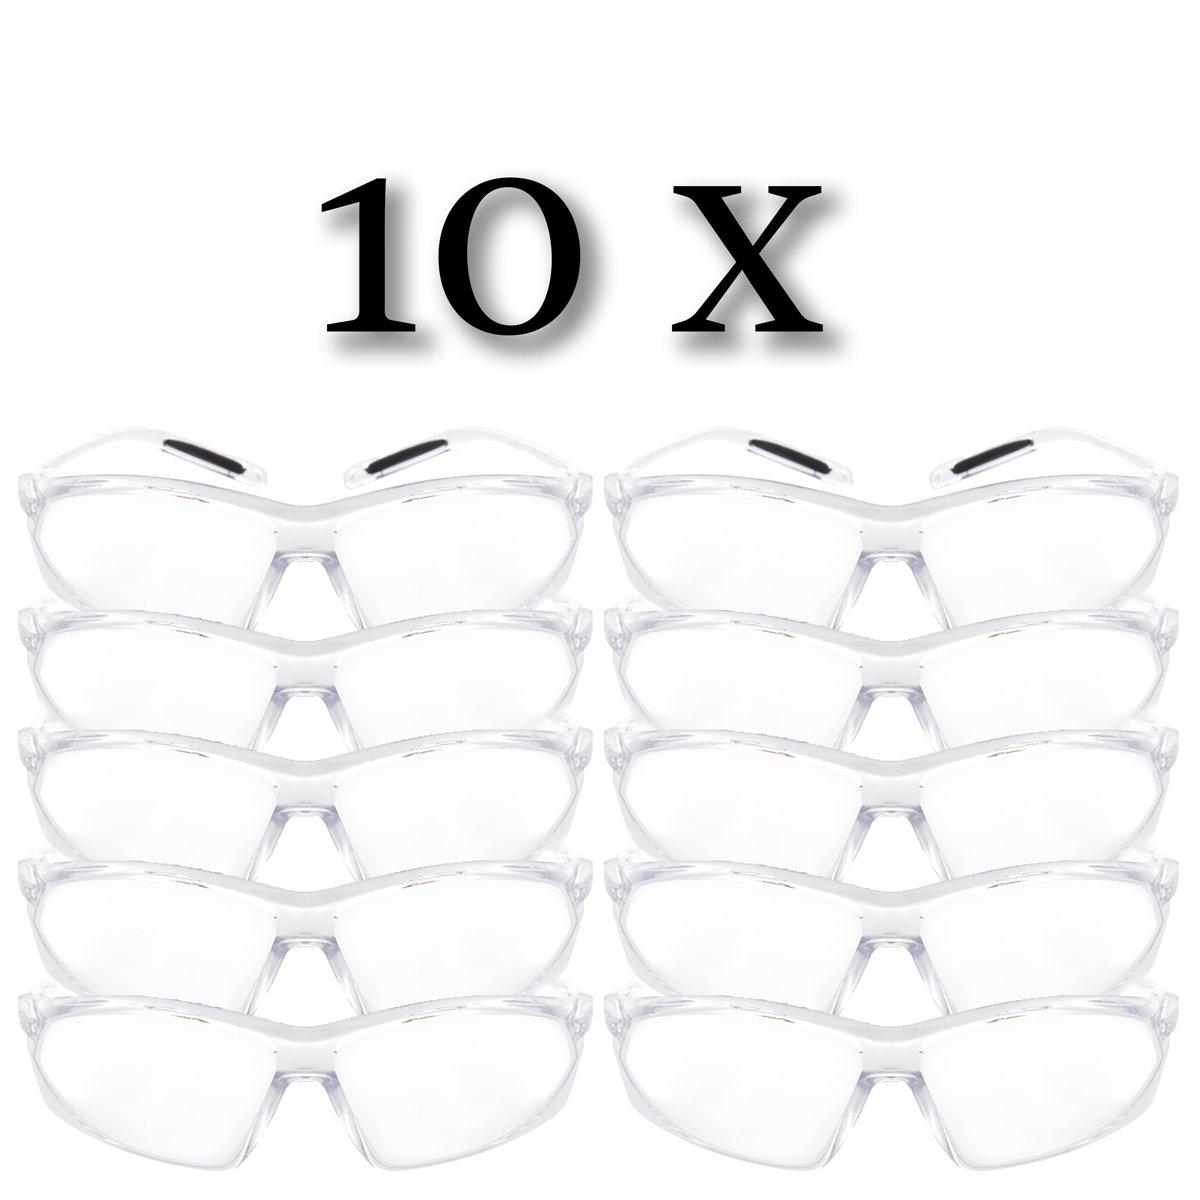 10-er Set Arbeitsschutzbrille Schutzbrille Laborbrille UV-Schutz Ü berbrille transparent bruchfest mit transparenten Bü rgeln Perdules